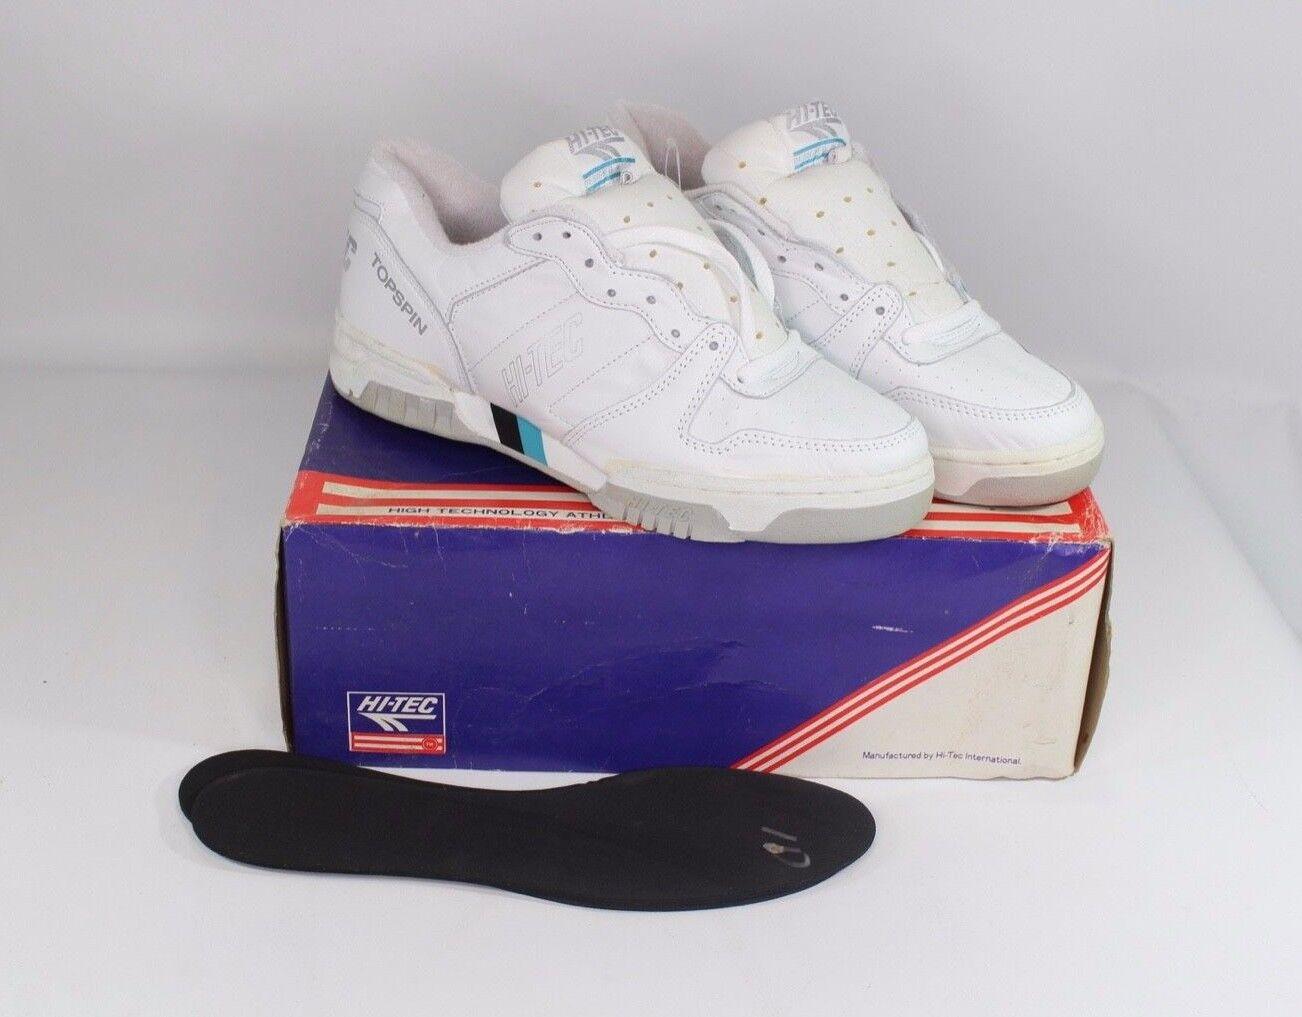 Vintage 90s Nuevo Hi Tec Para hombre 12 Topspin Tenis Zapatos Tenis Atléticas con forro de Terry